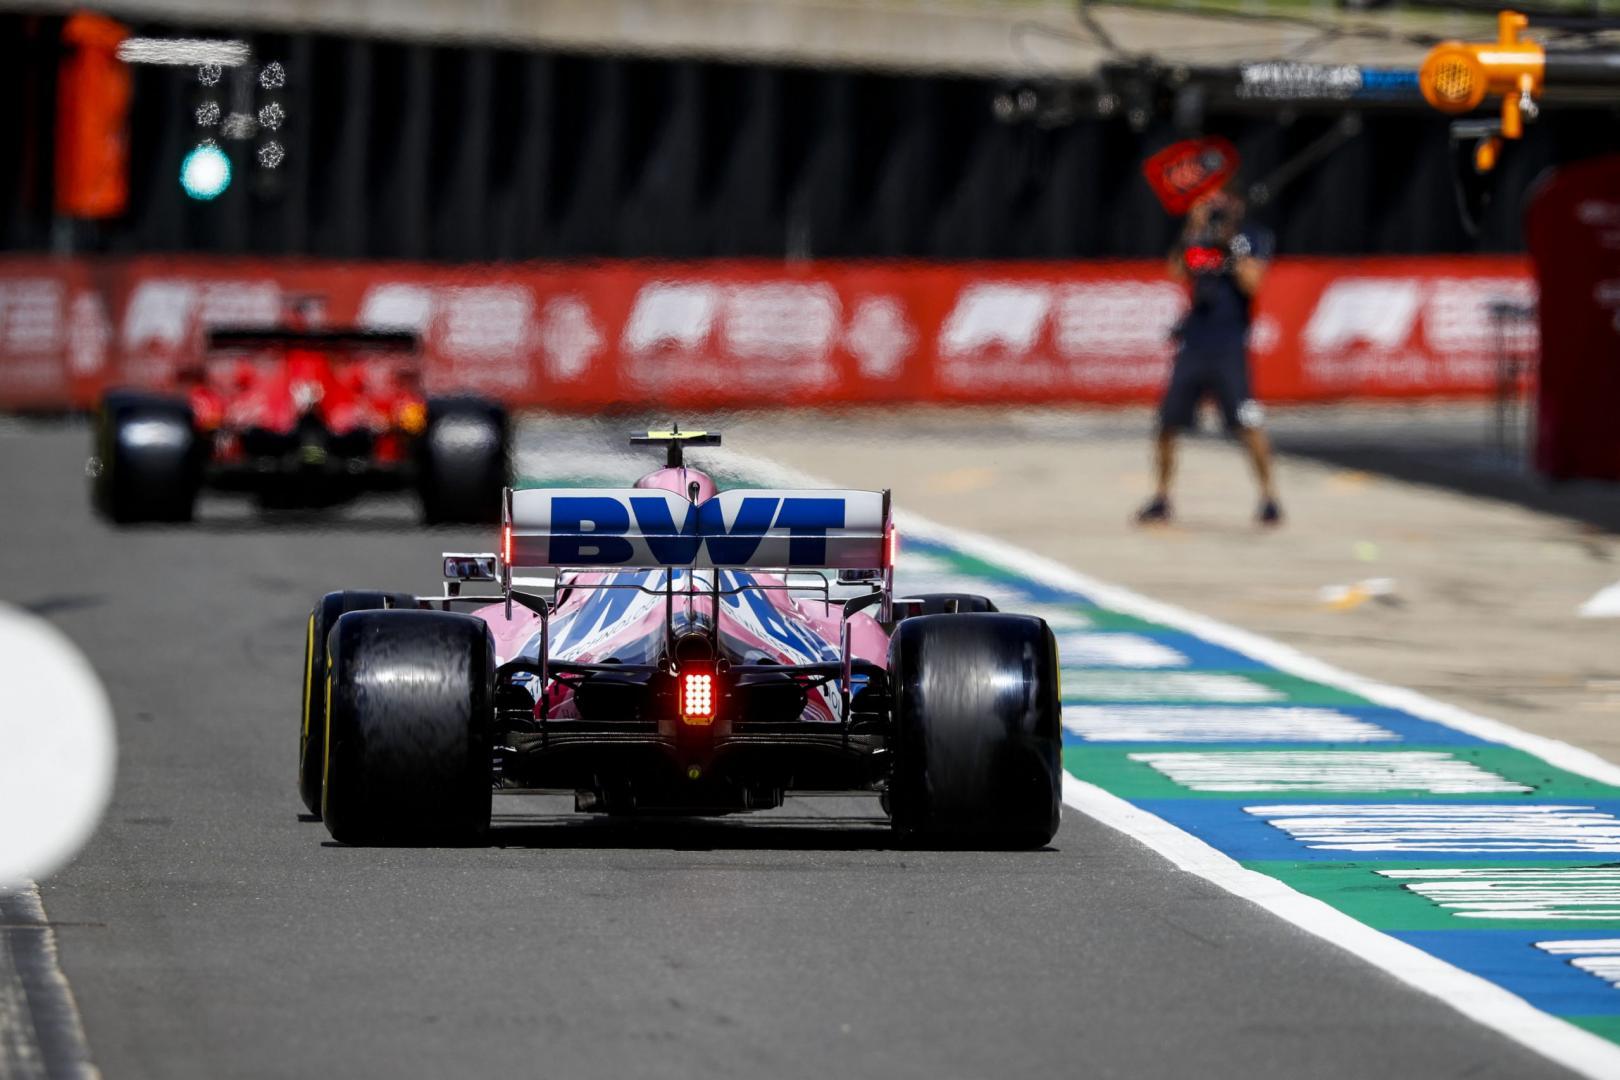 2e vrije training van de 70th Anniversary GP 2020